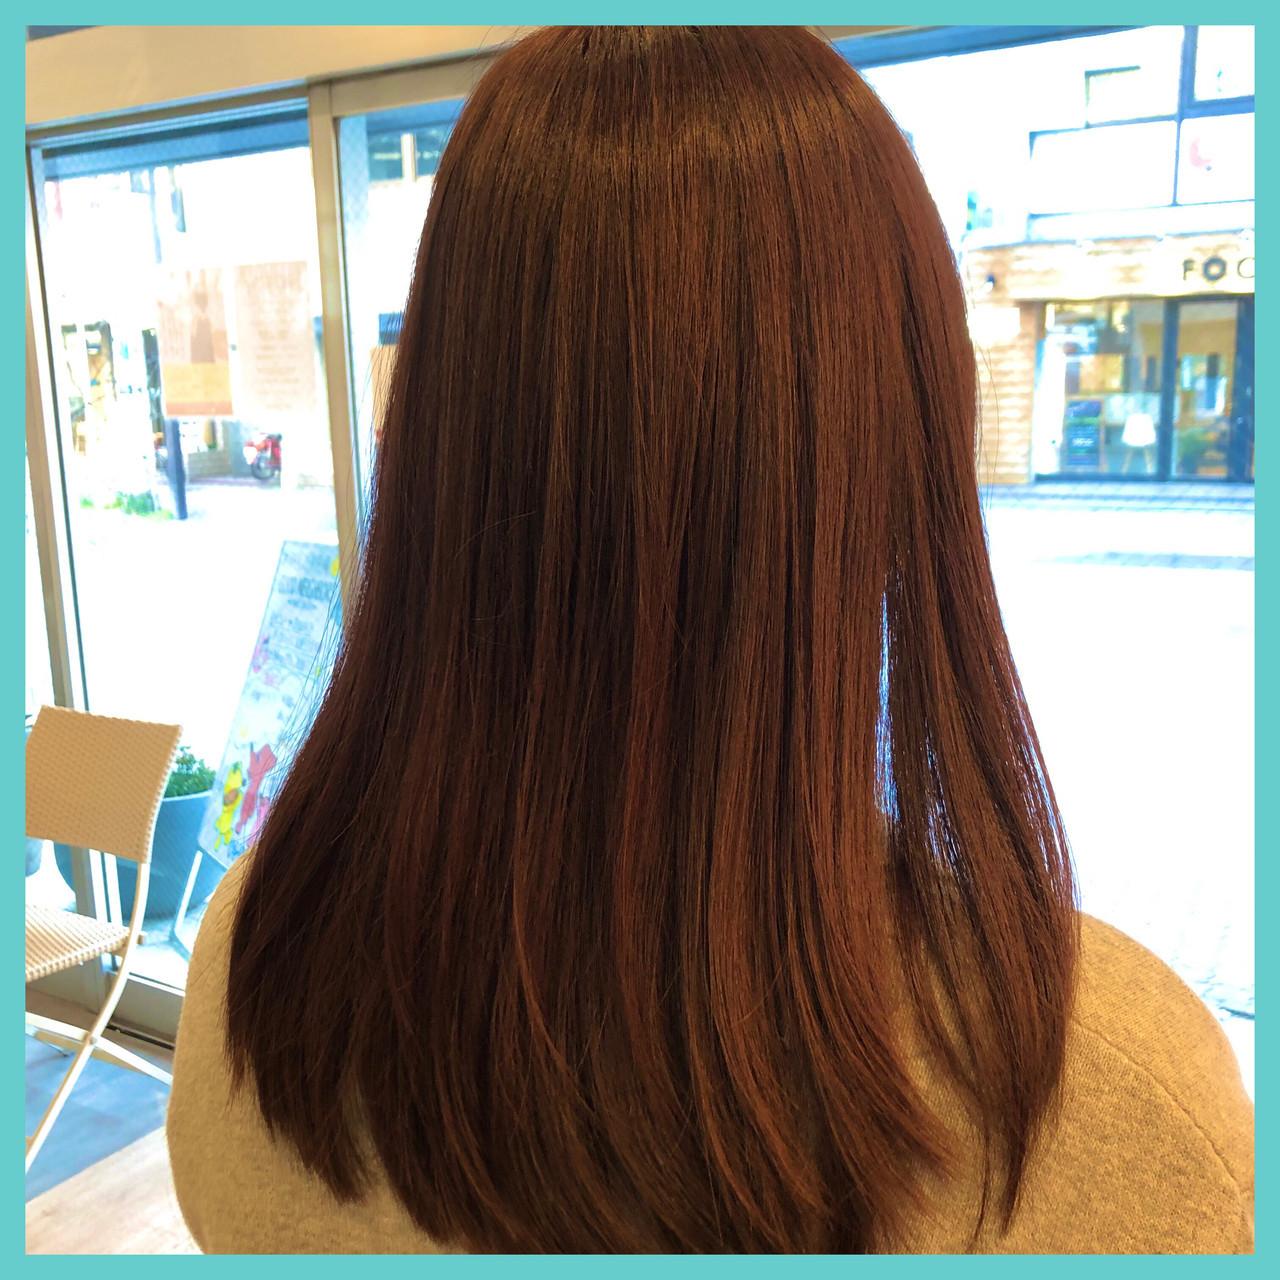 オーガニックカラー アプリコットオレンジ オレンジブラウン セミロング ヘアスタイルや髪型の写真・画像